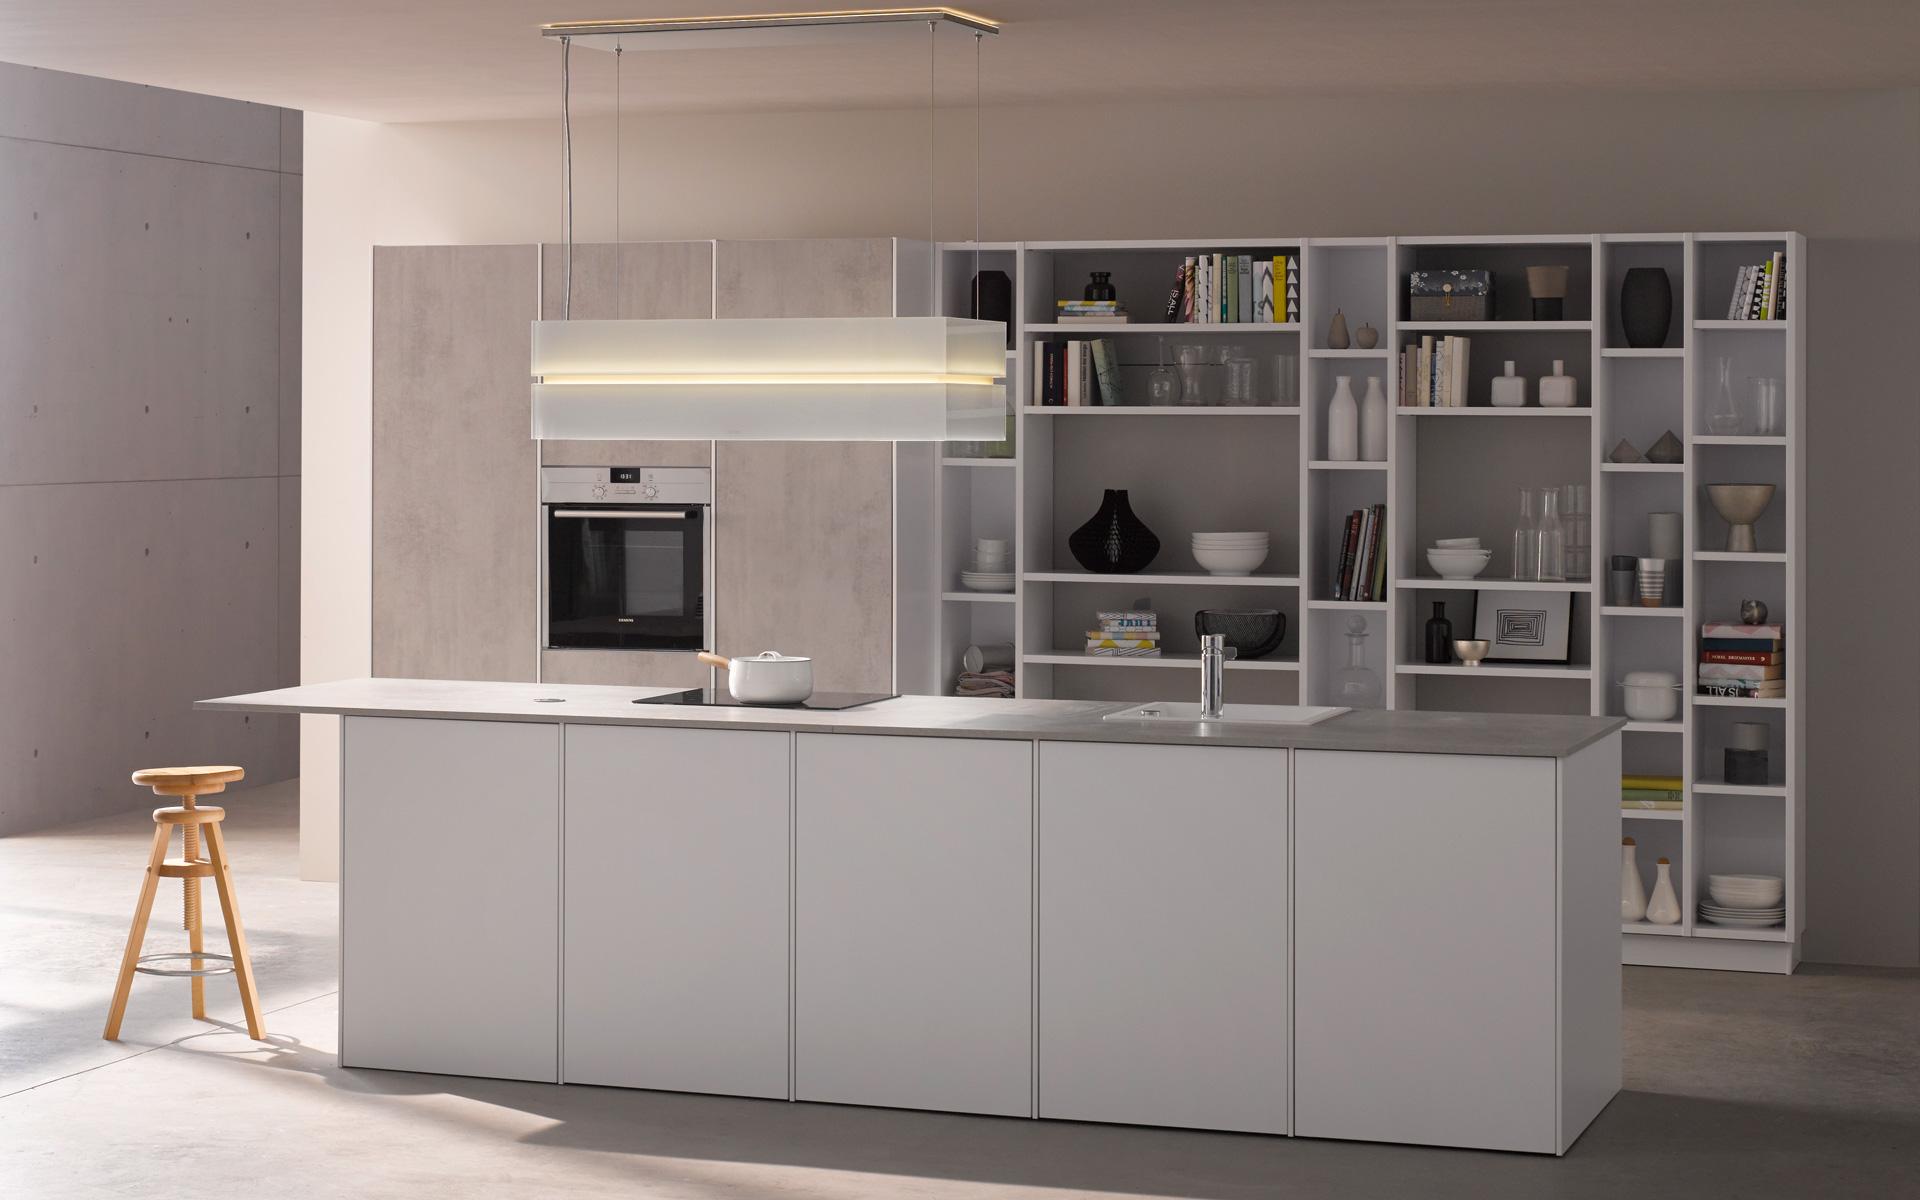 Küchen Wohndesign Freising